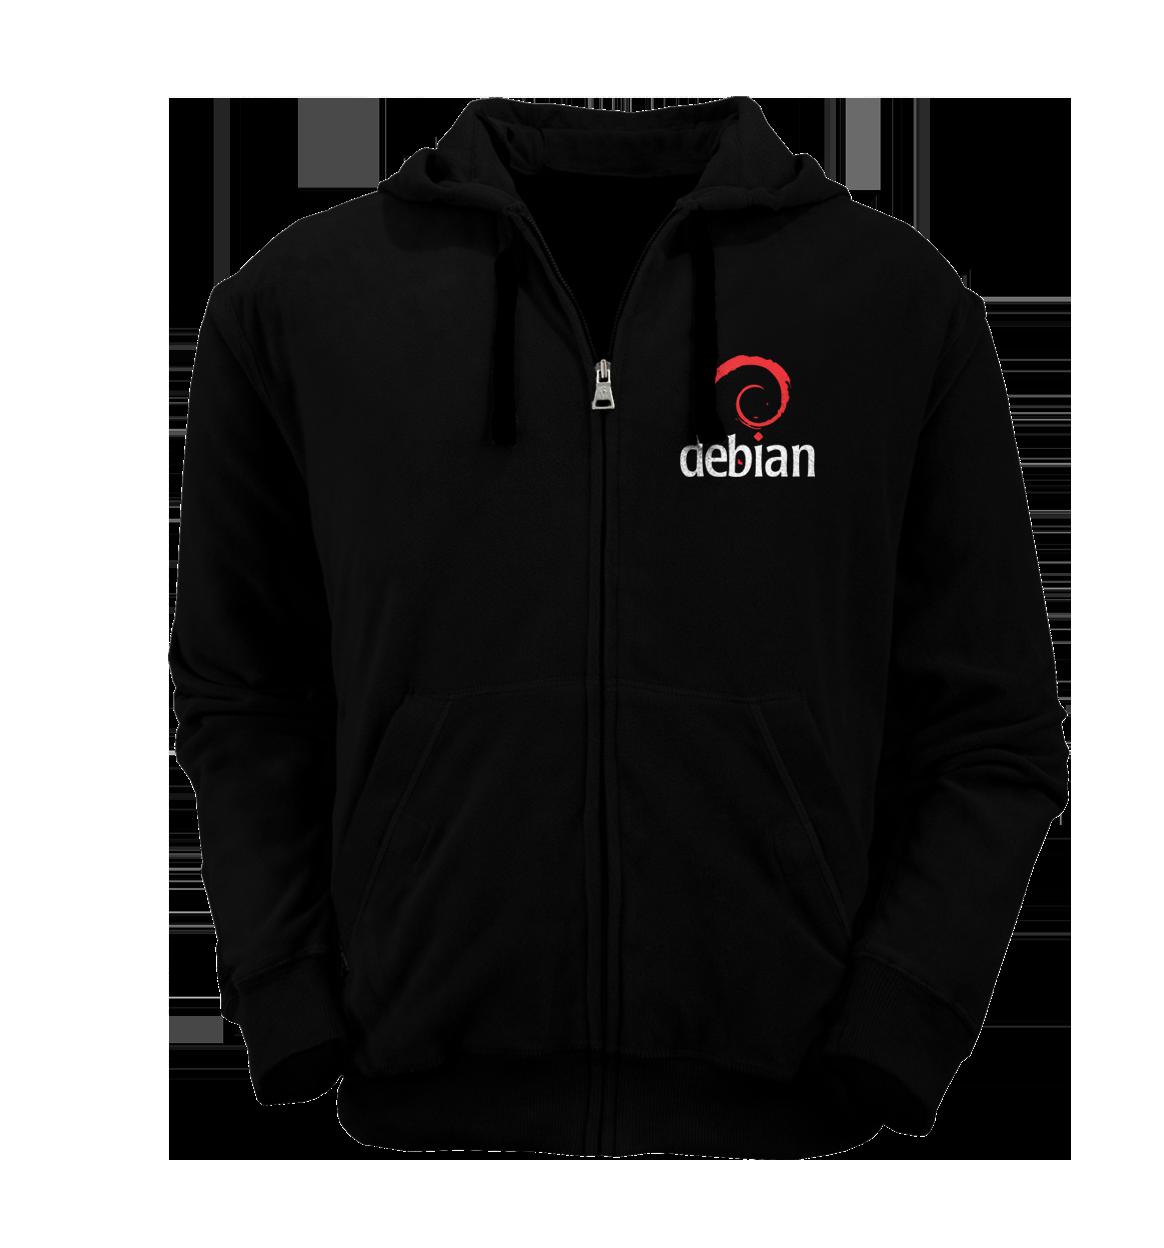 [PRE ORDER] Hoodie Zipper Debian 1